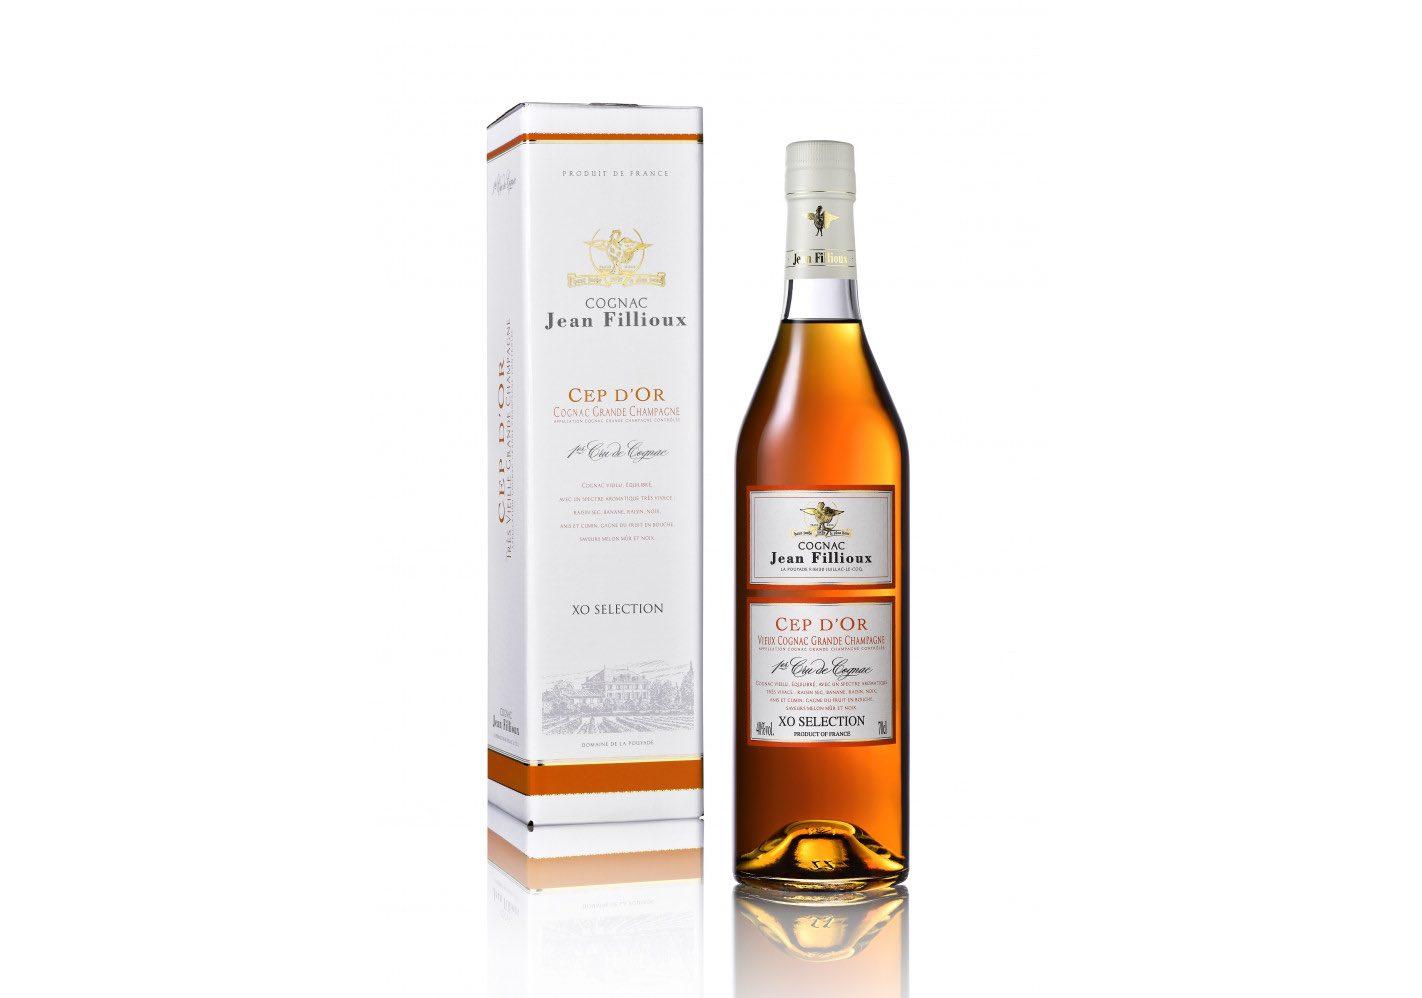 Jean Fillioux CEP D'OR Gold Cognac